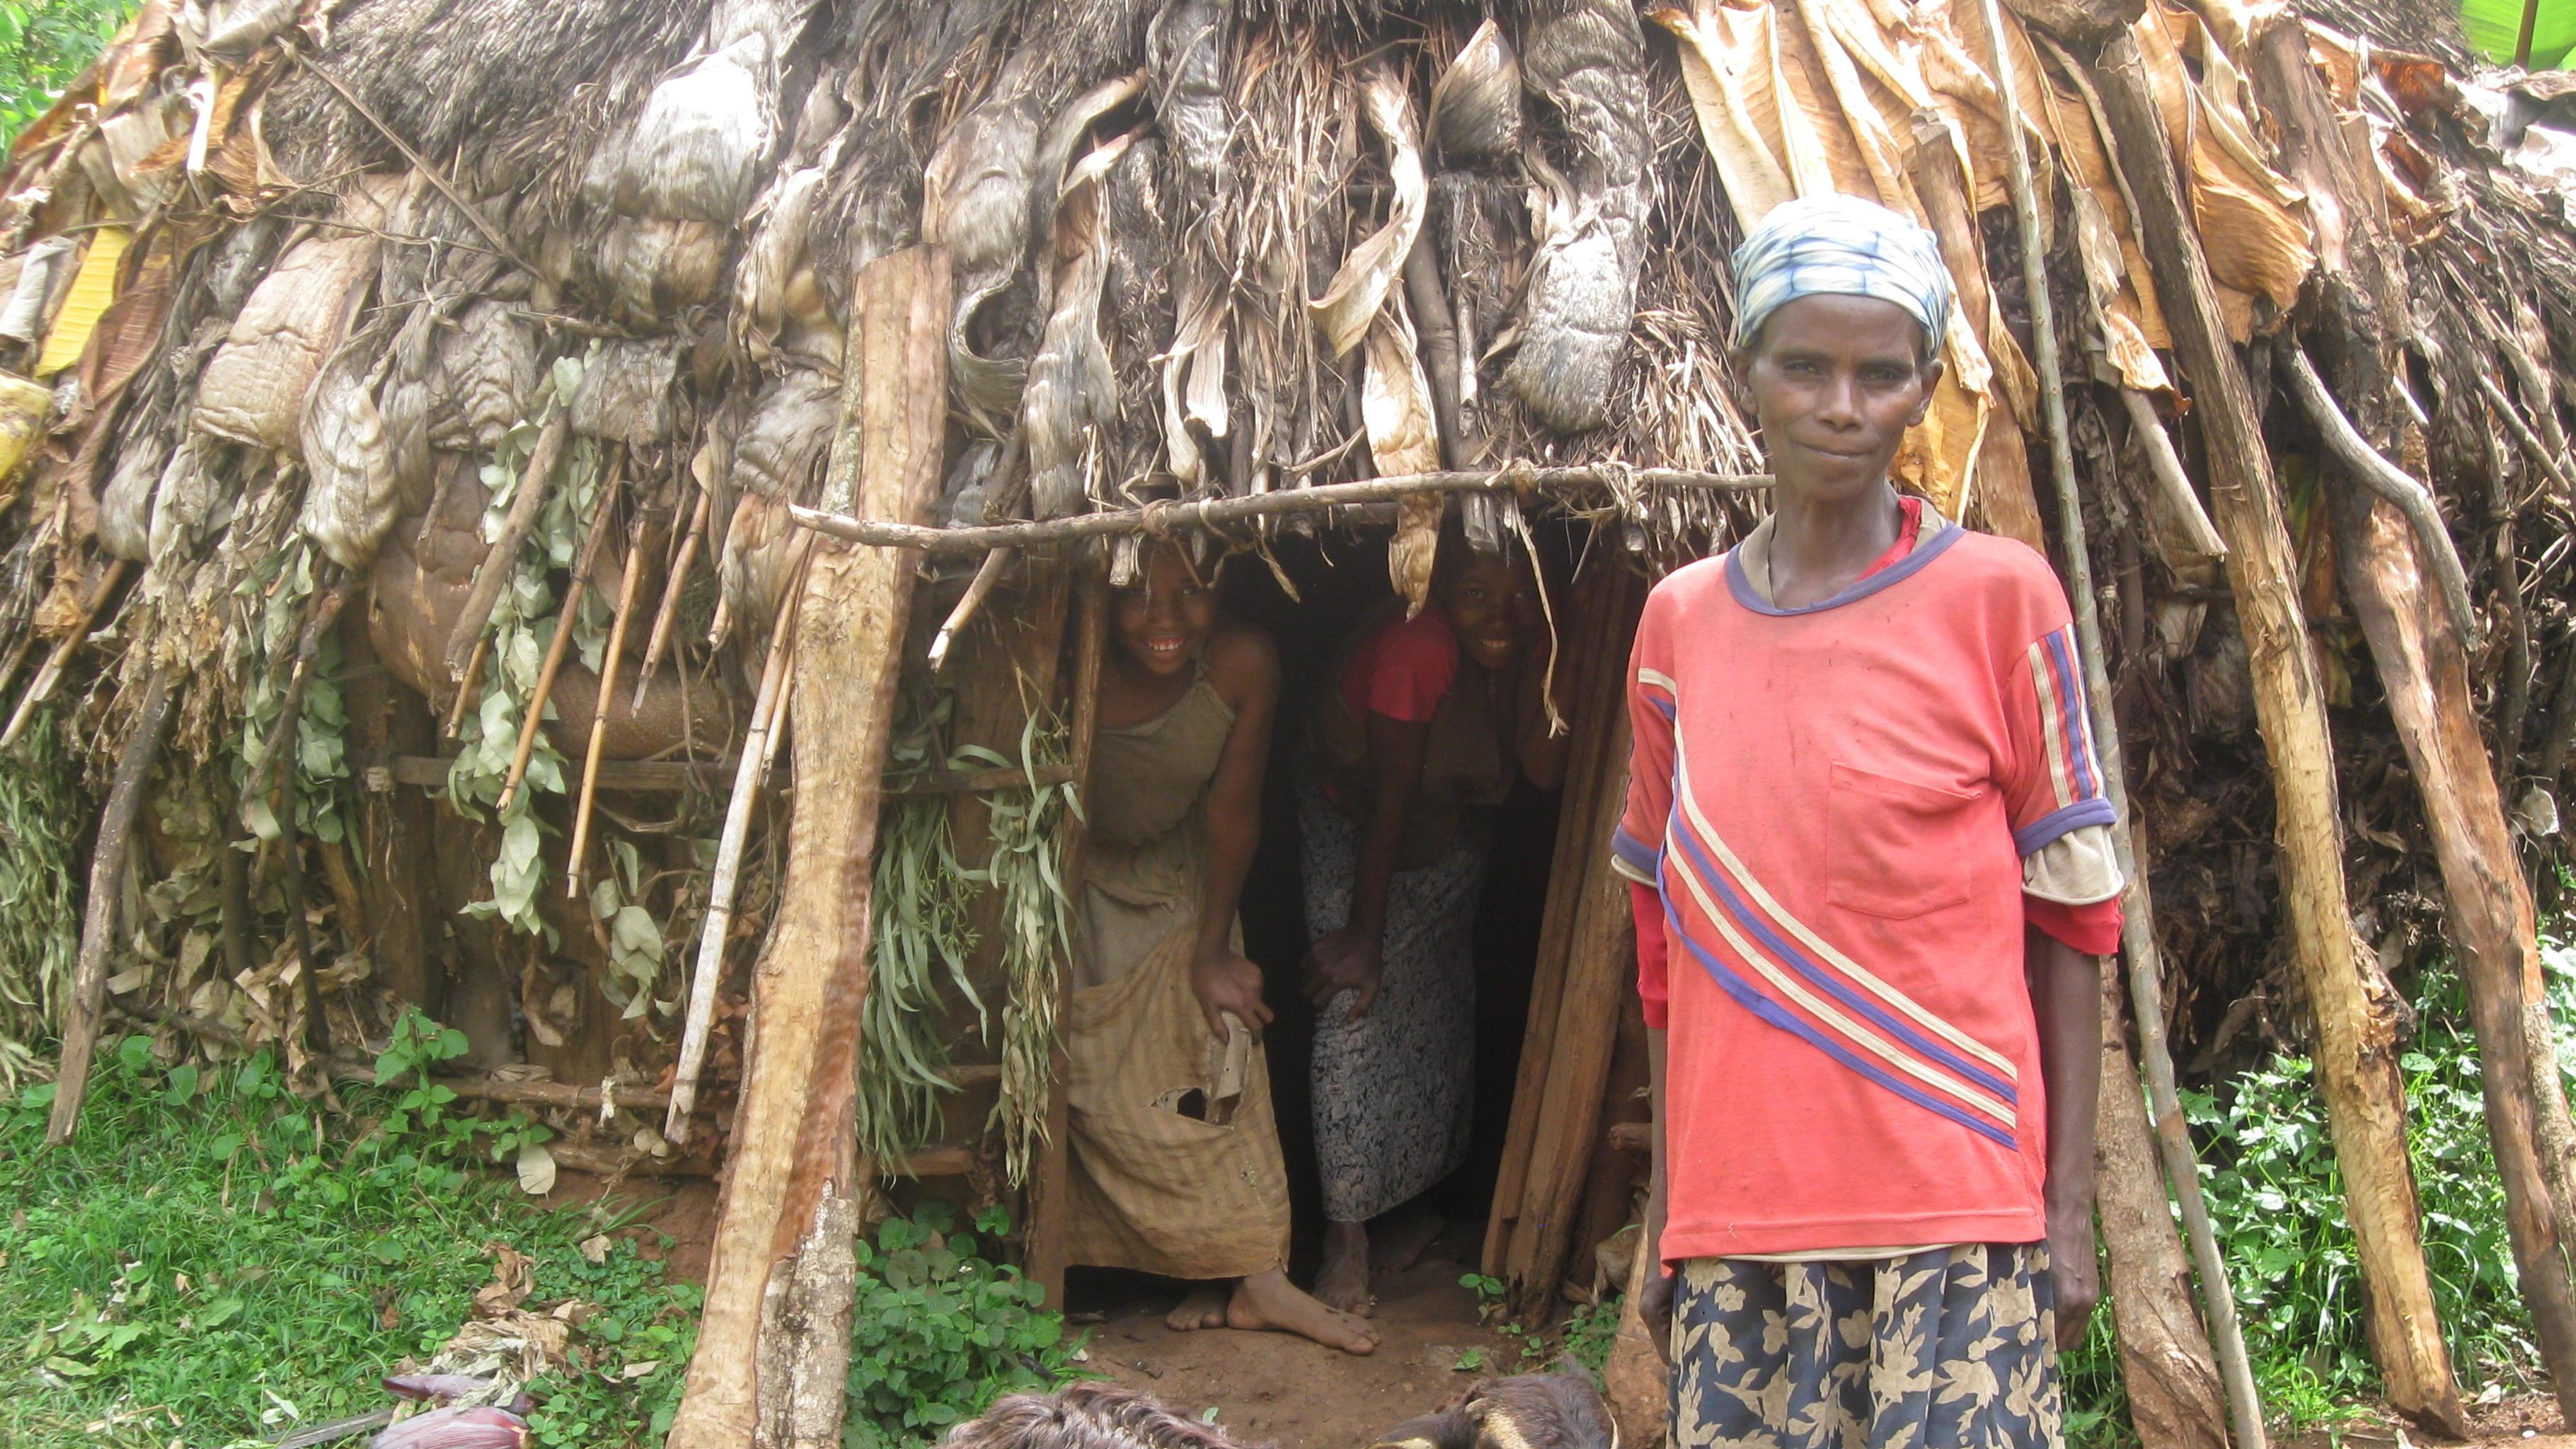 Oxfam Projekt in Äthiopien: Frau mit Ziege